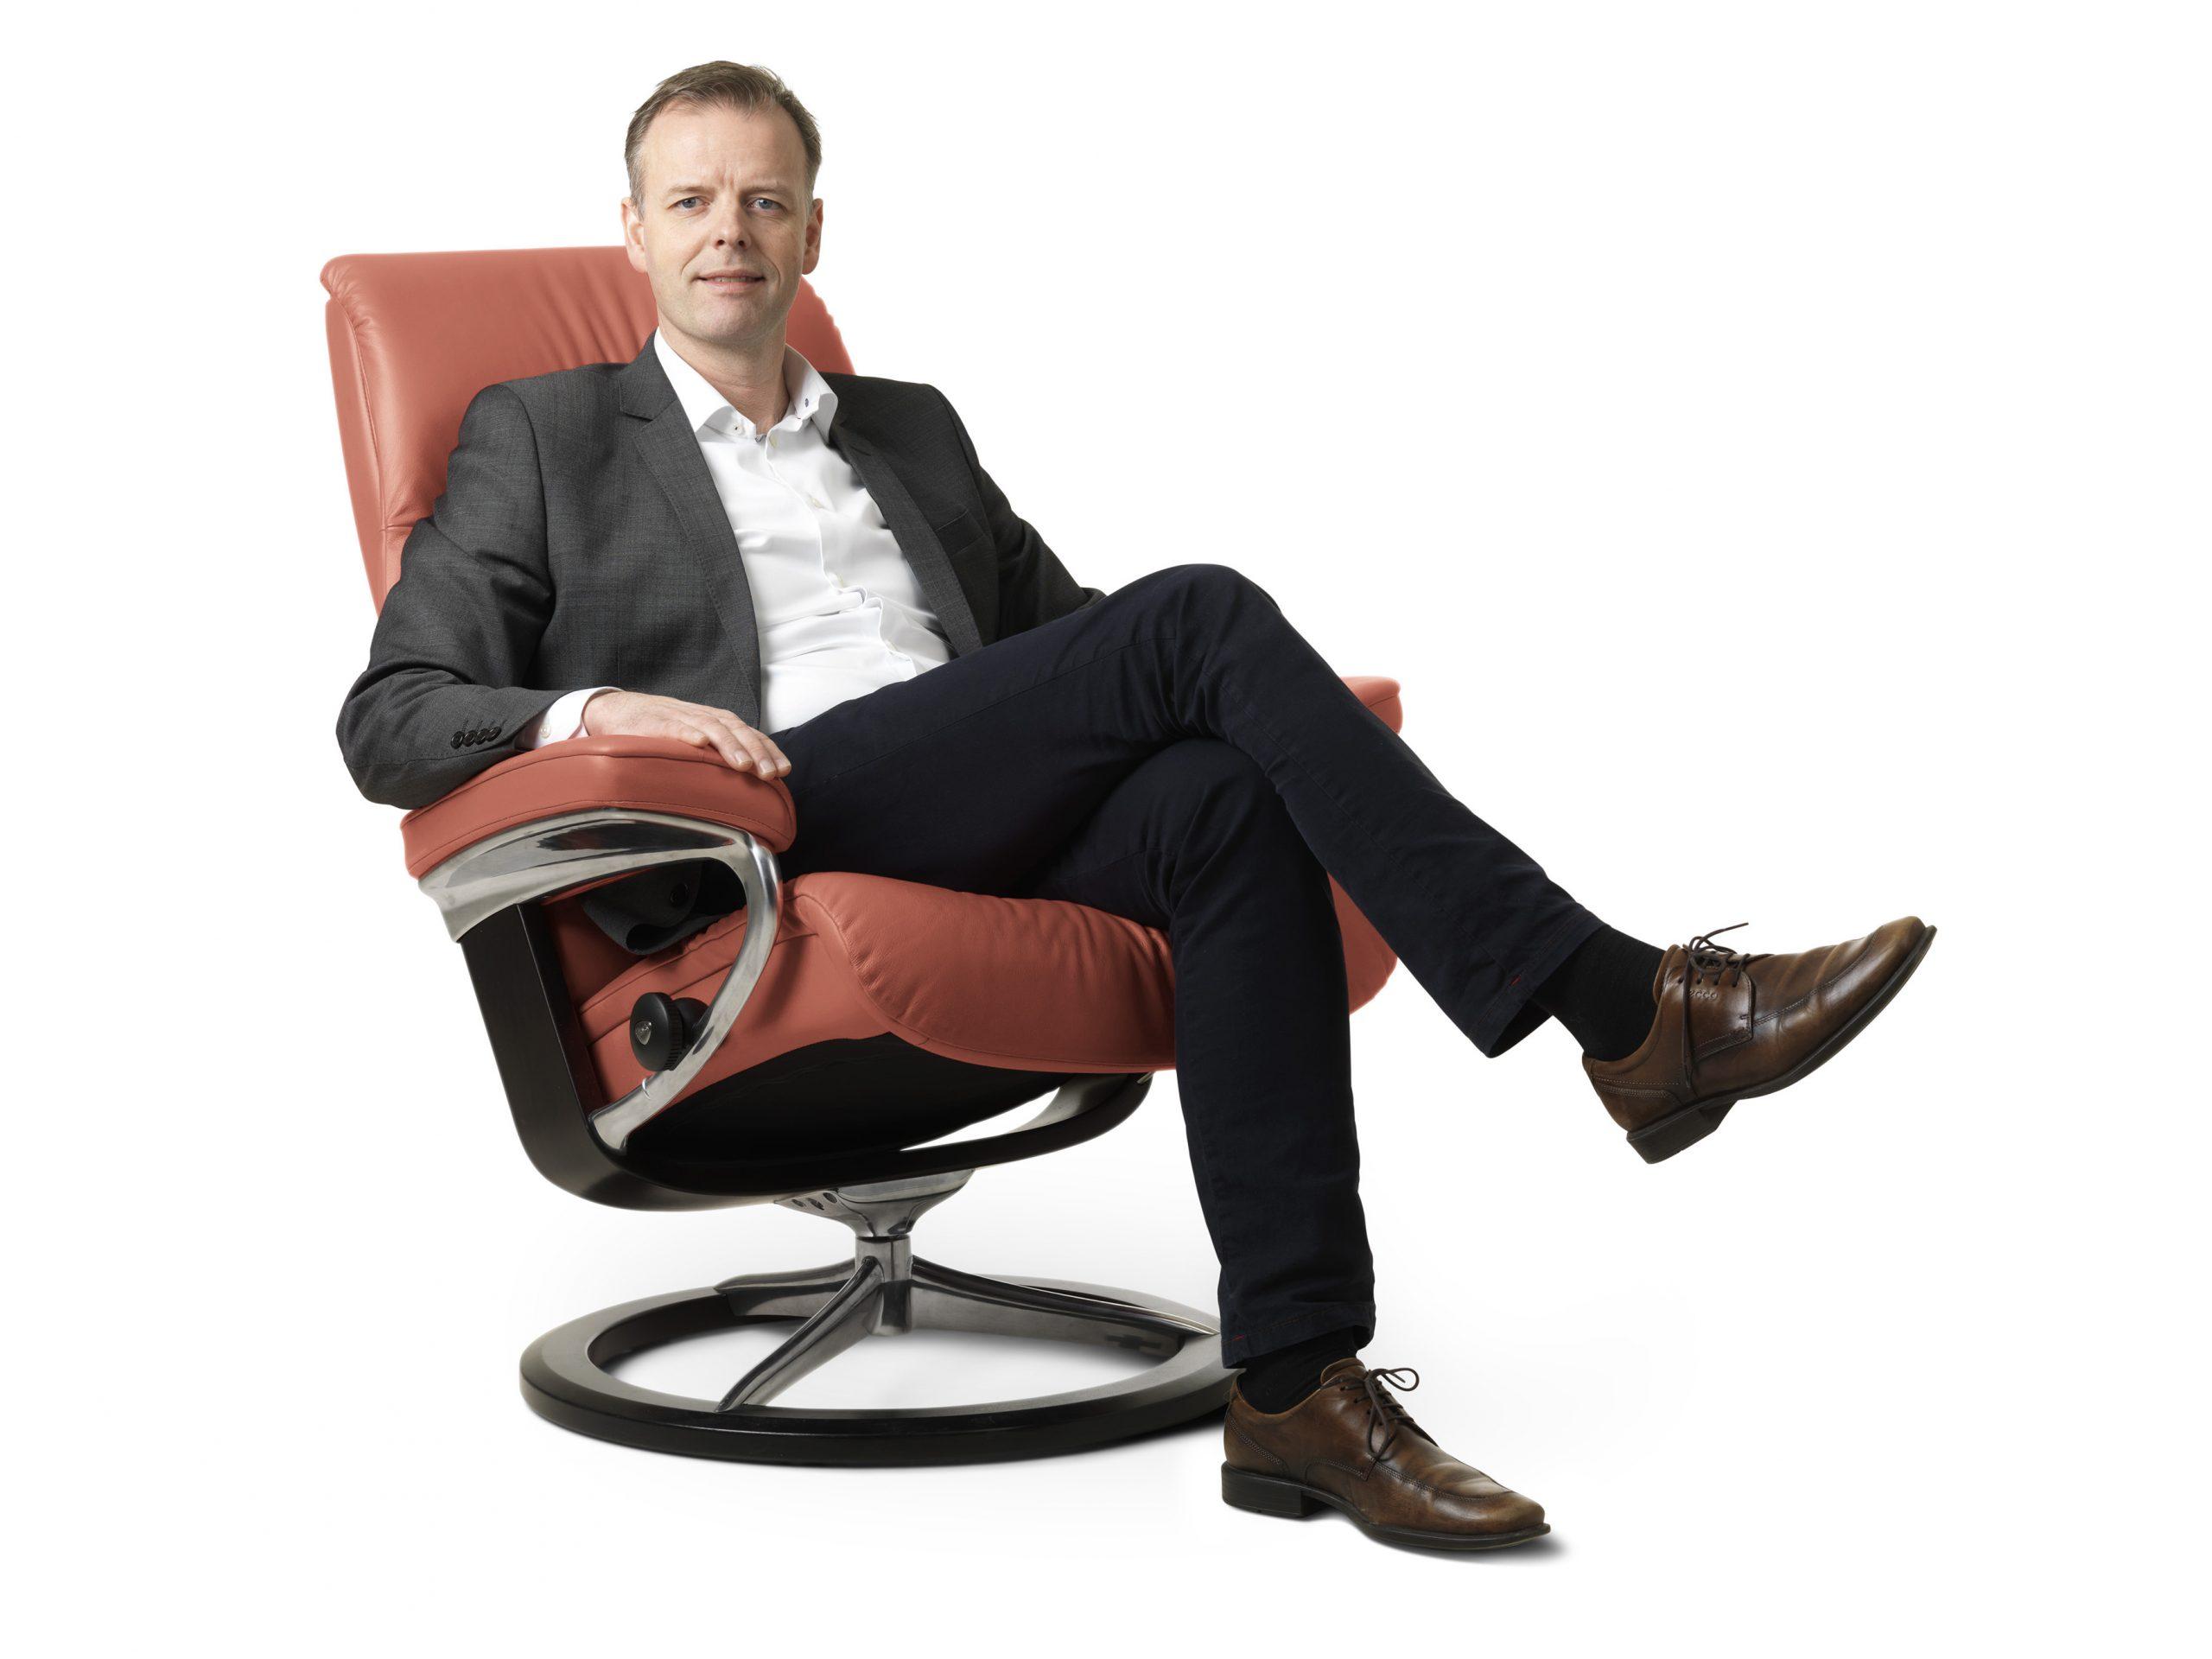 Tillit til Ekornes og konserndirektør Olav Holst-Dyrnes i aksjemarkedet. (Foto: Ekornes)